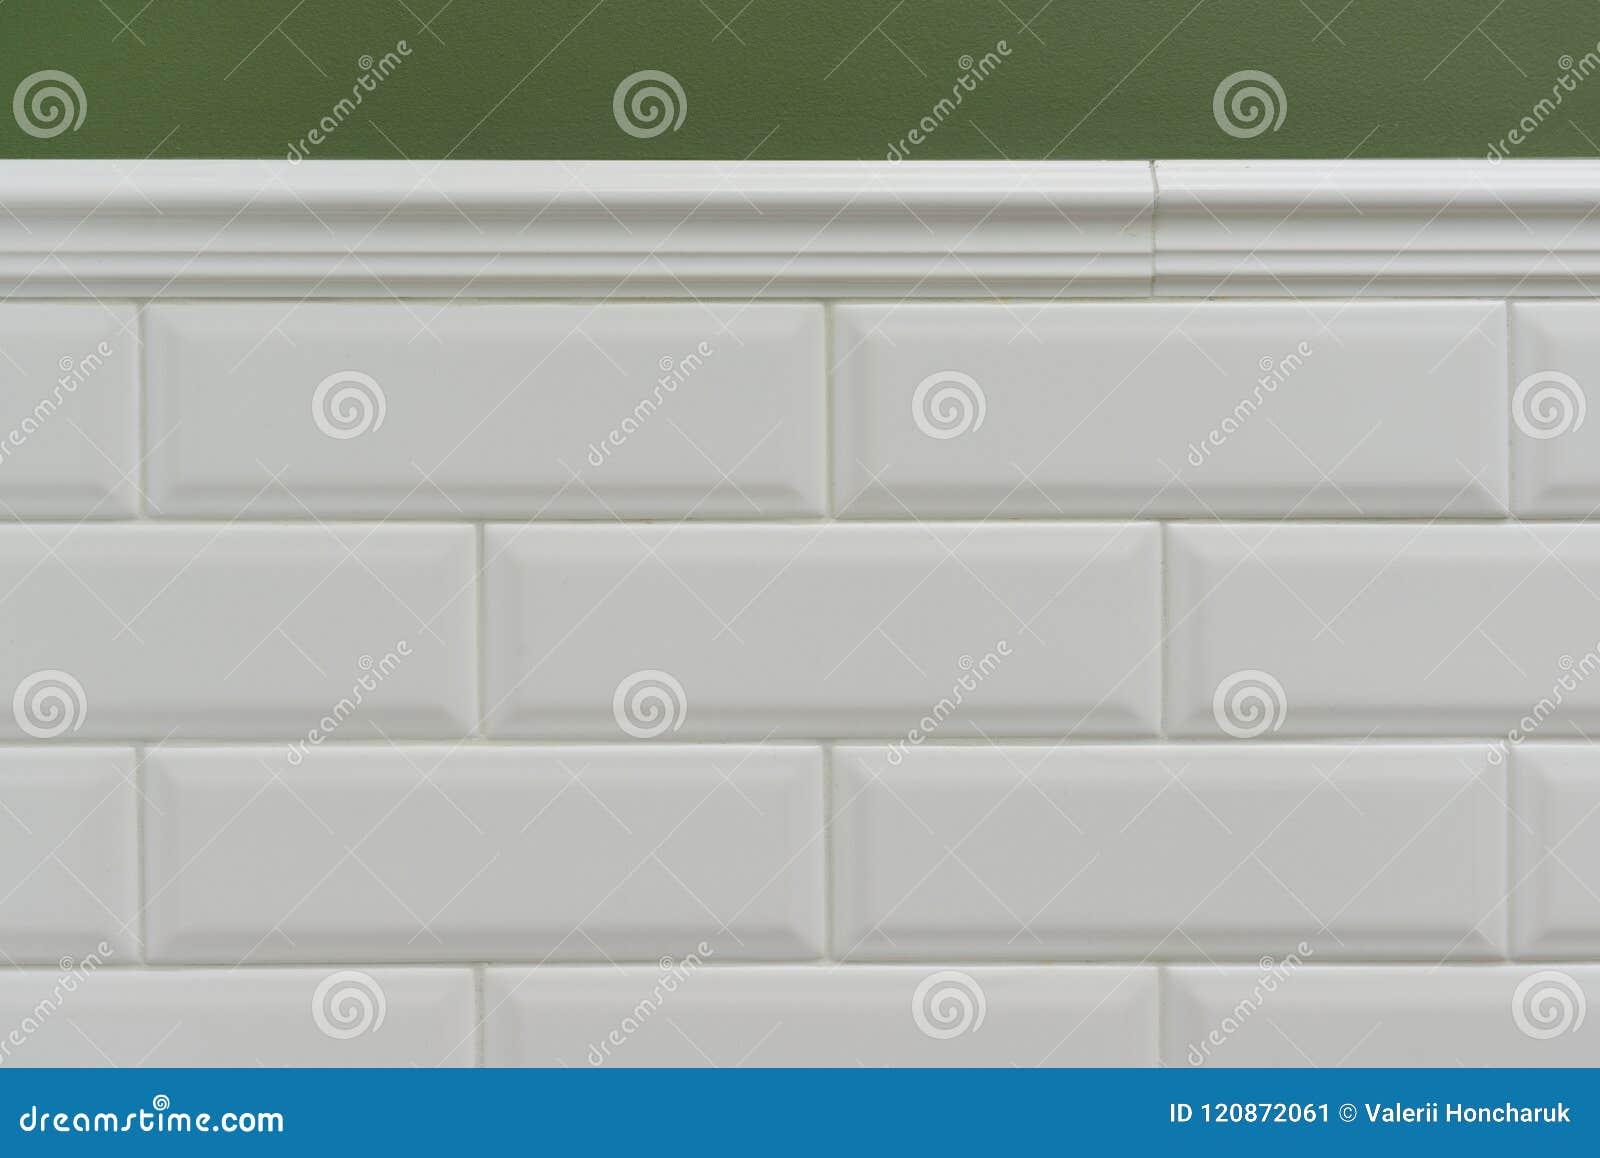 Verdissez le mur peint, une partie du mur est petite brique brillante blanche couverte de tuiles, tuiles décoratives en céramique